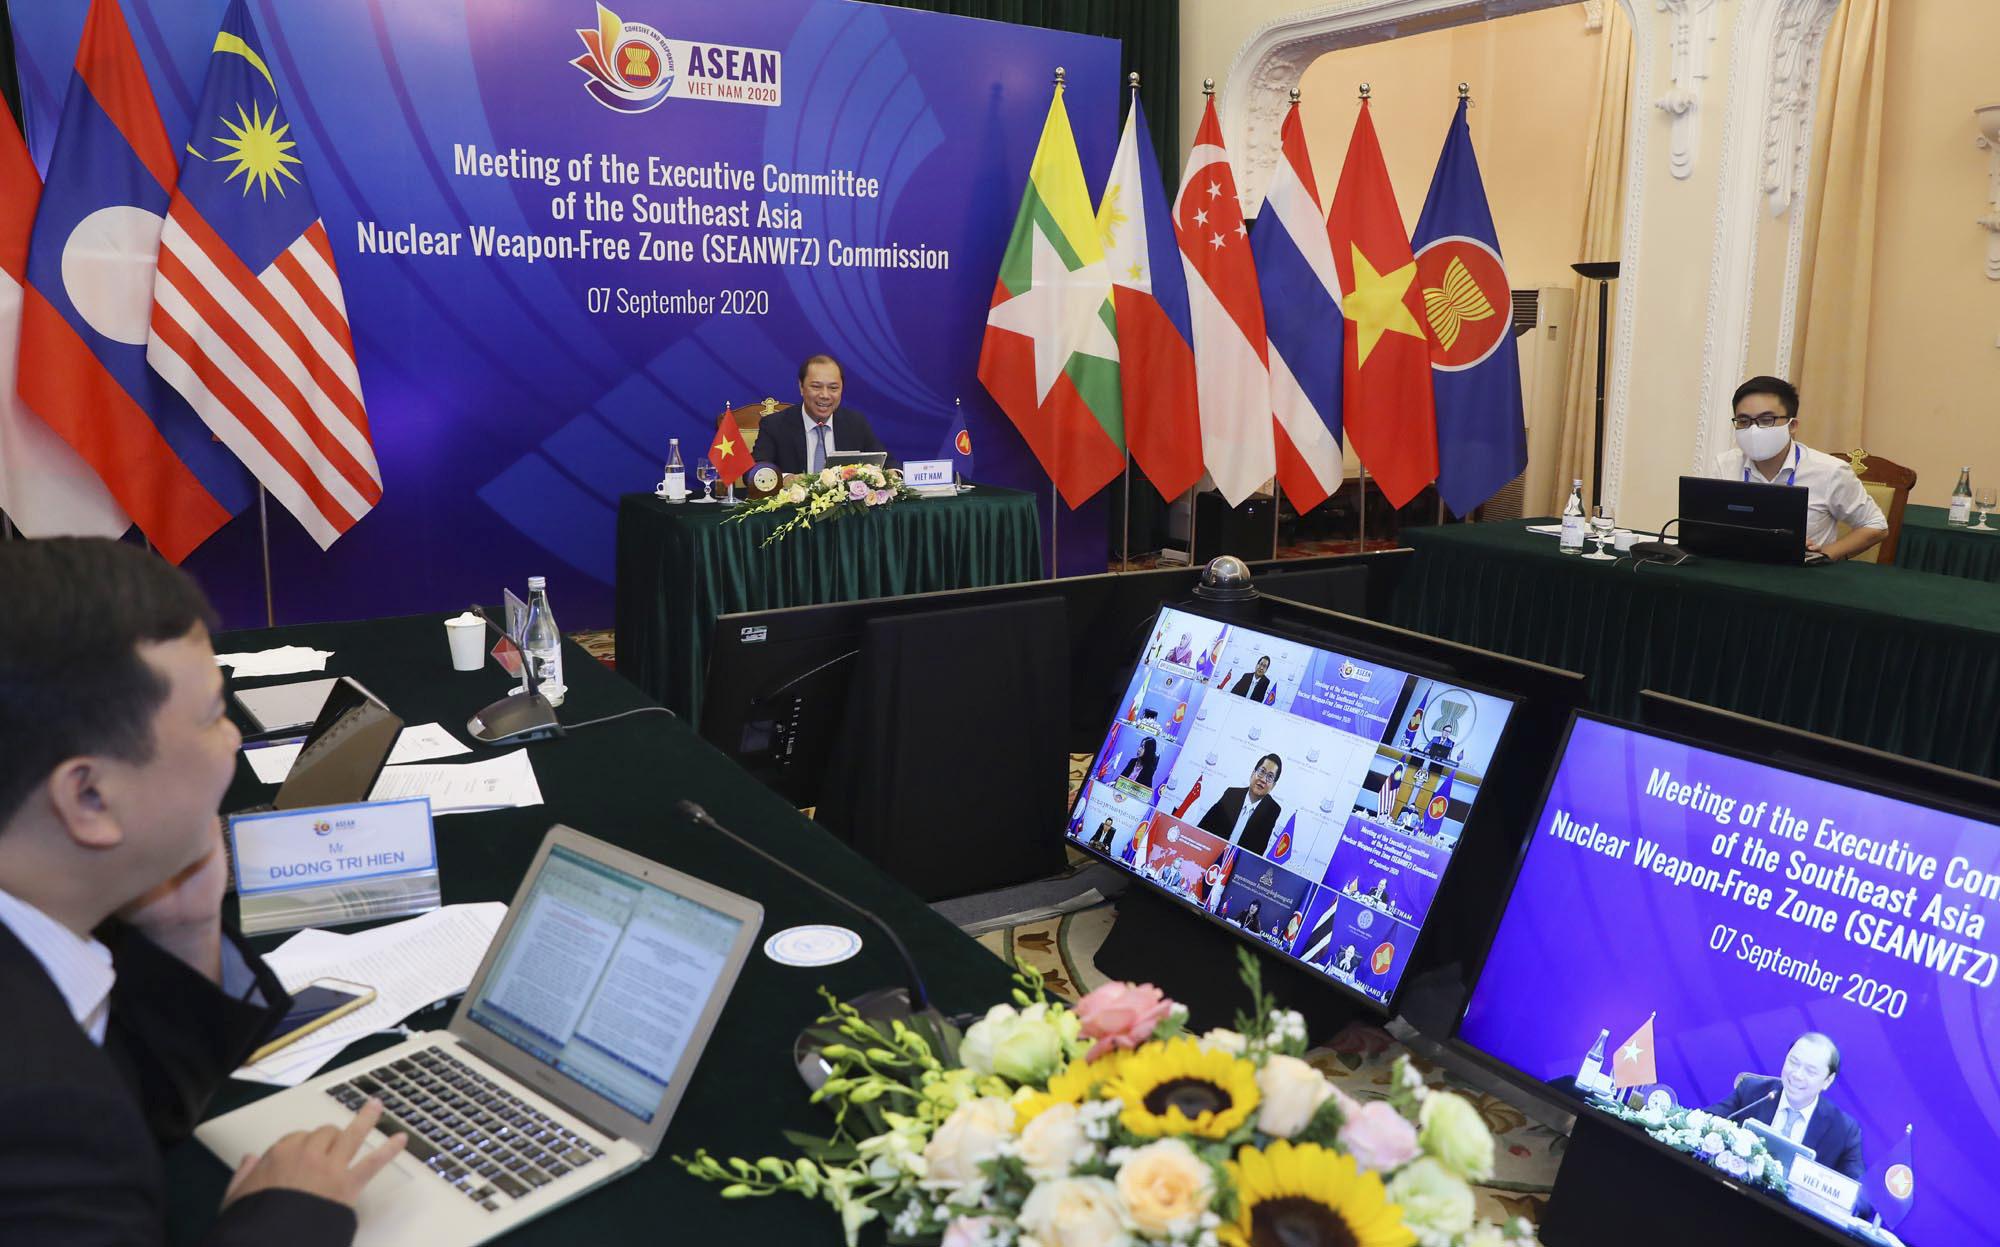 Toàn cảnh Hội nghị Bộ trưởng Bộ trưởng Ngoại giao ASEAN lần thứ 53 - Ảnh 7.